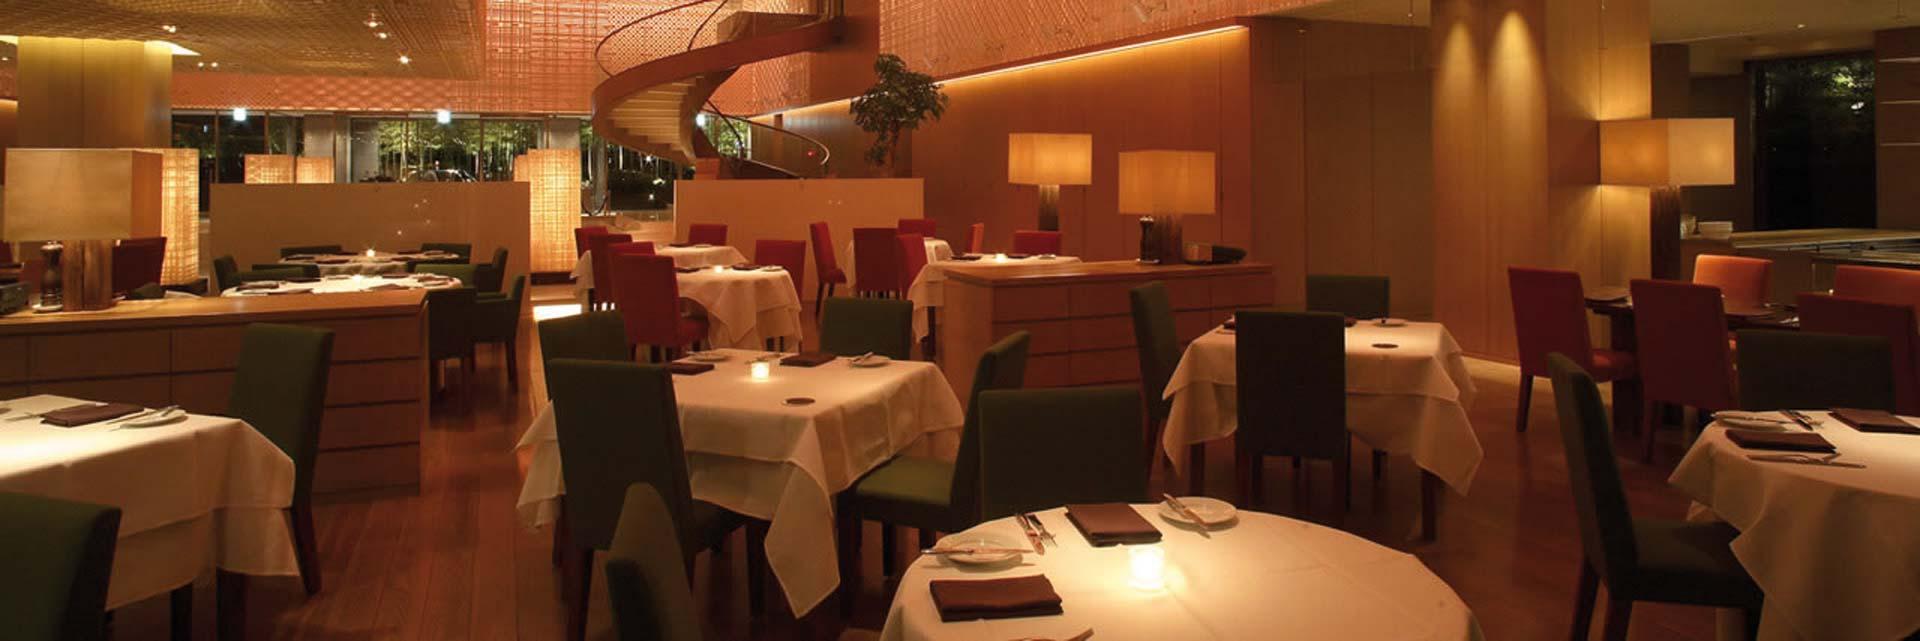 Hyatt Regency Kyoto Restaurant